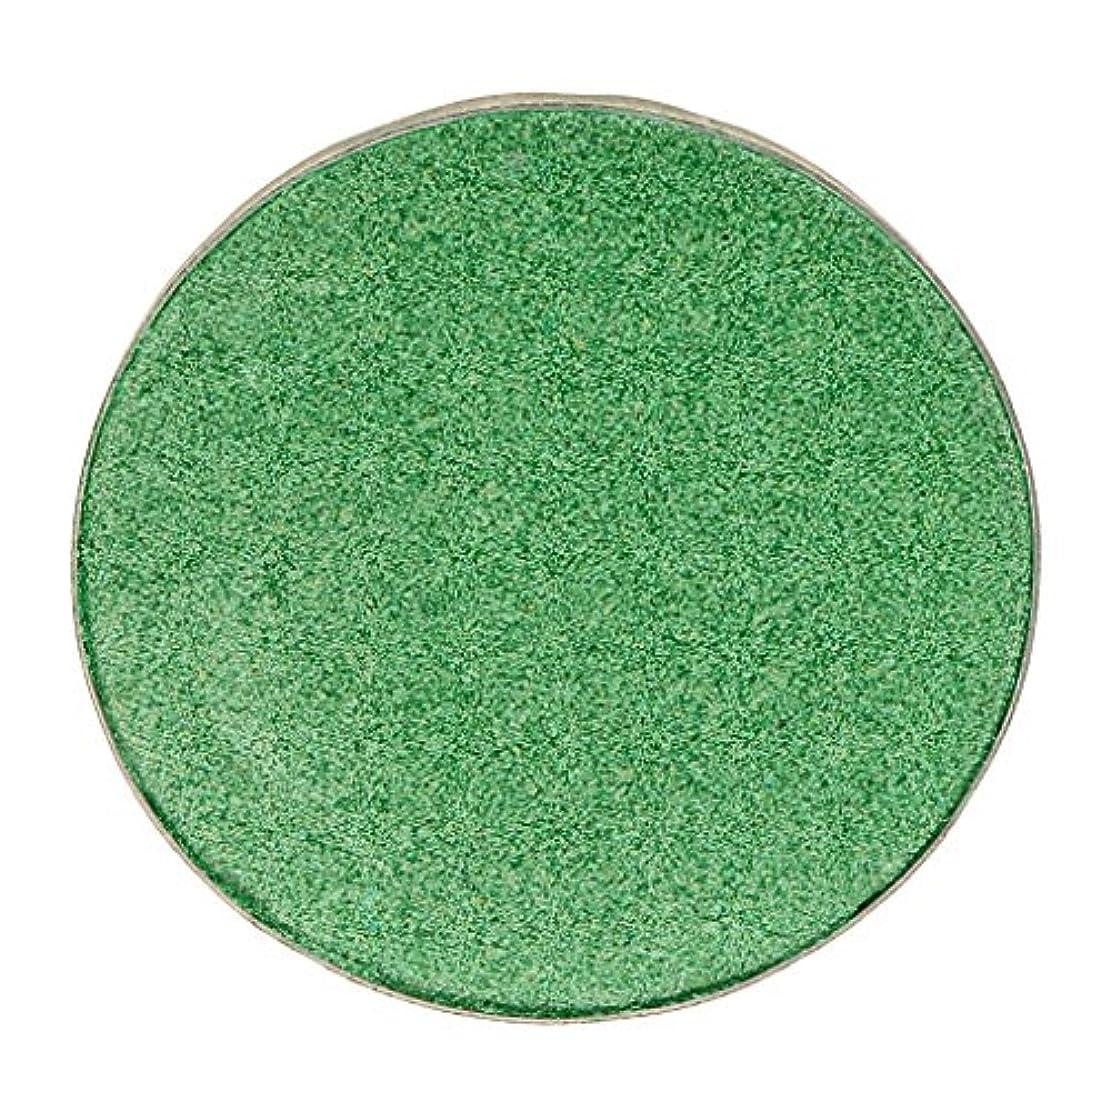 無謀傑出した一口SONONIA 化粧品用 アイシャドウ ハイライター パレット マット シマー アイシャドーメイク 結婚式 パーティー 全5色 - #38グリーン